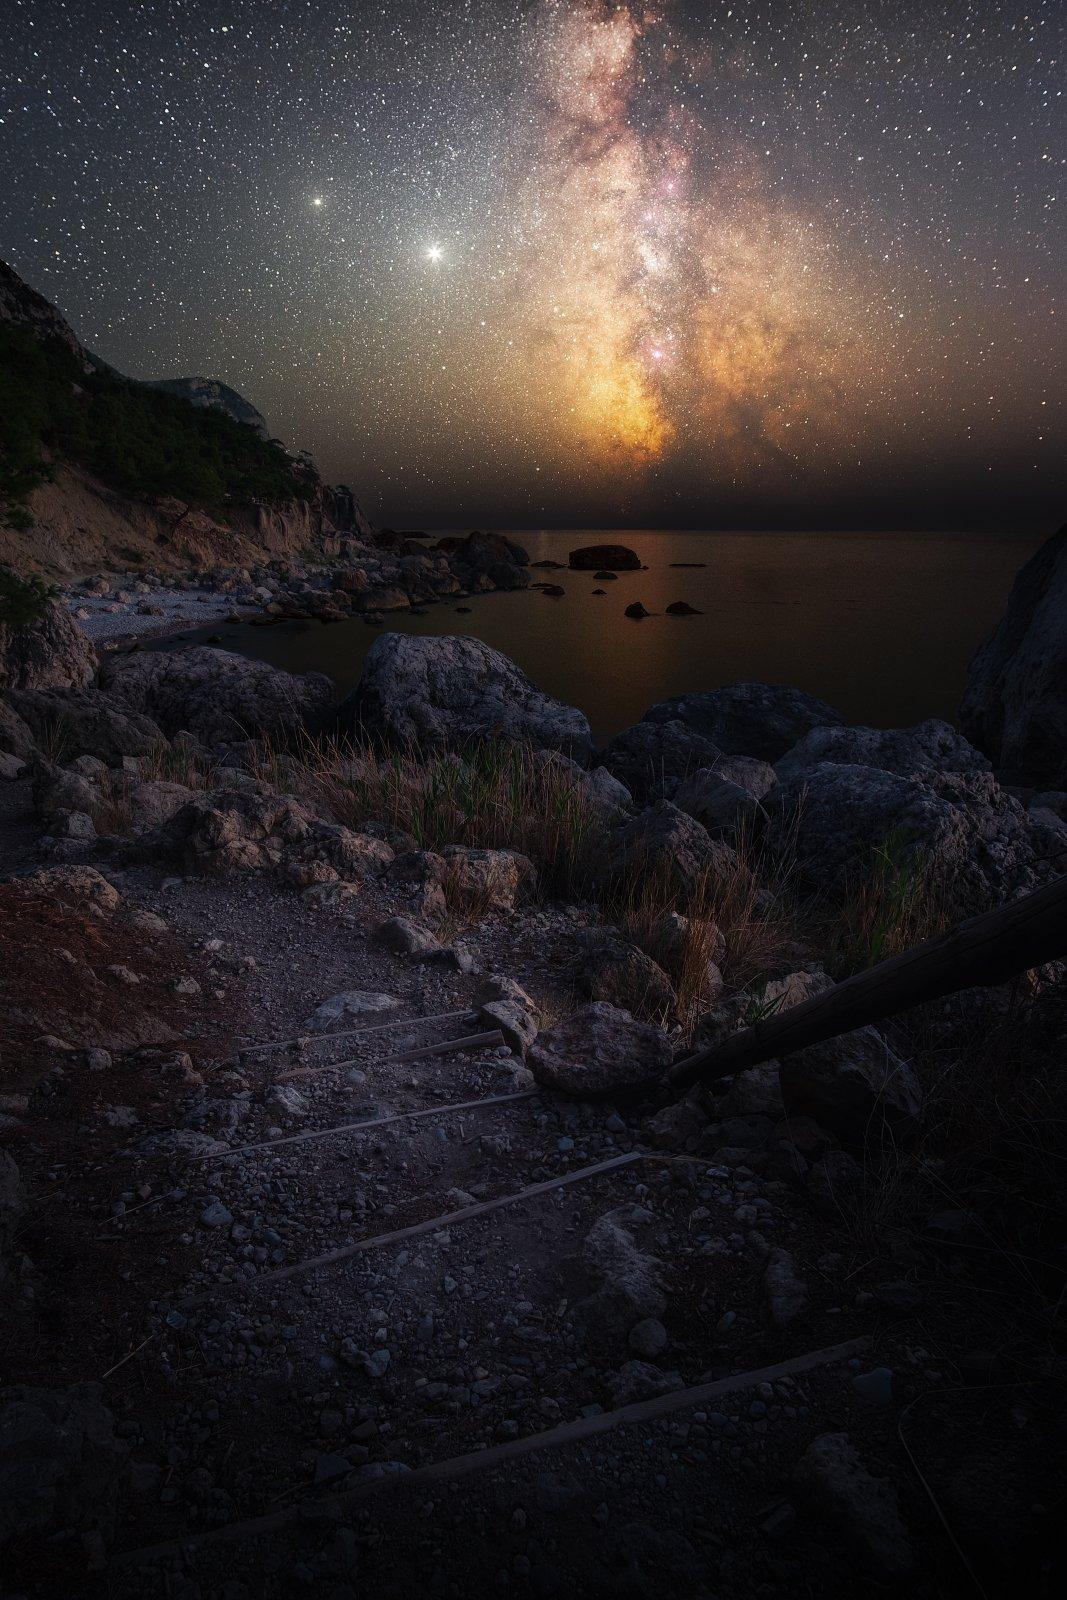 звезды, крым, юбк, астро, млечный путь, черное море, балаклава, инжир, ночь, осень, Желтов Глеб